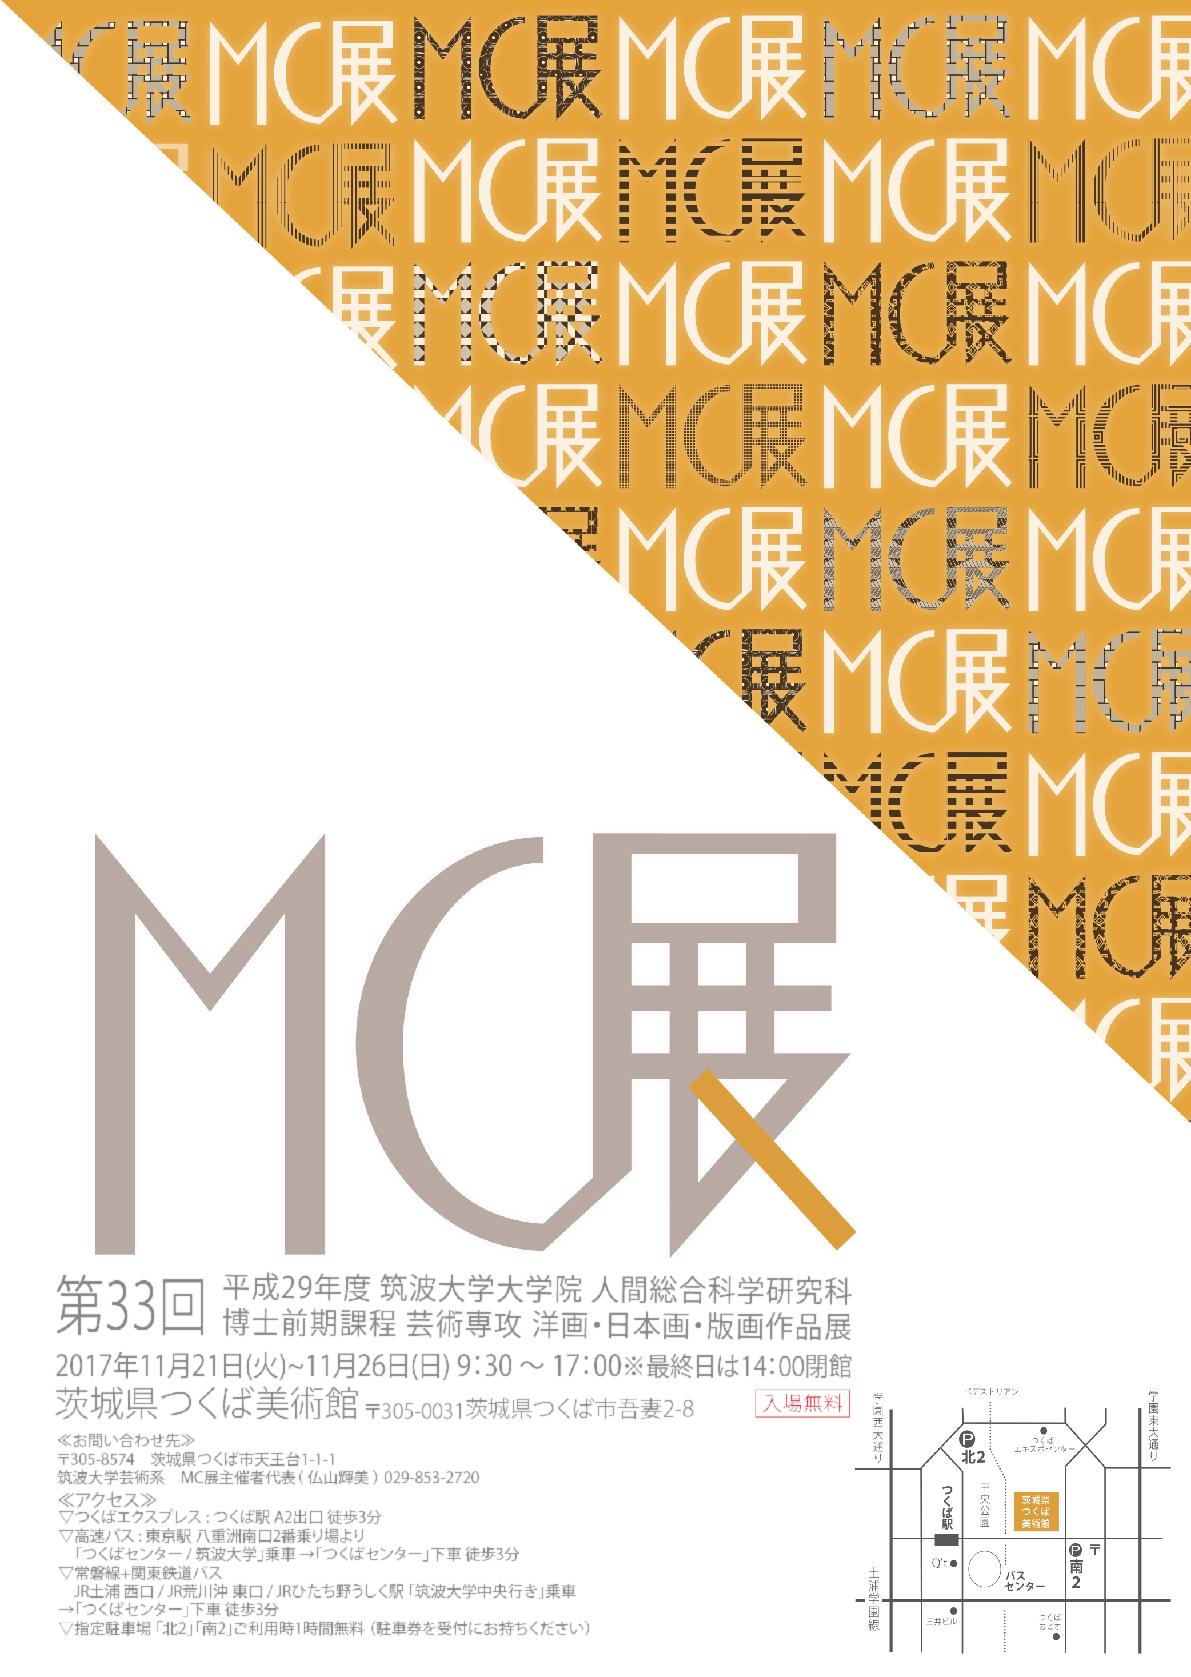 mc%e5%b1%95